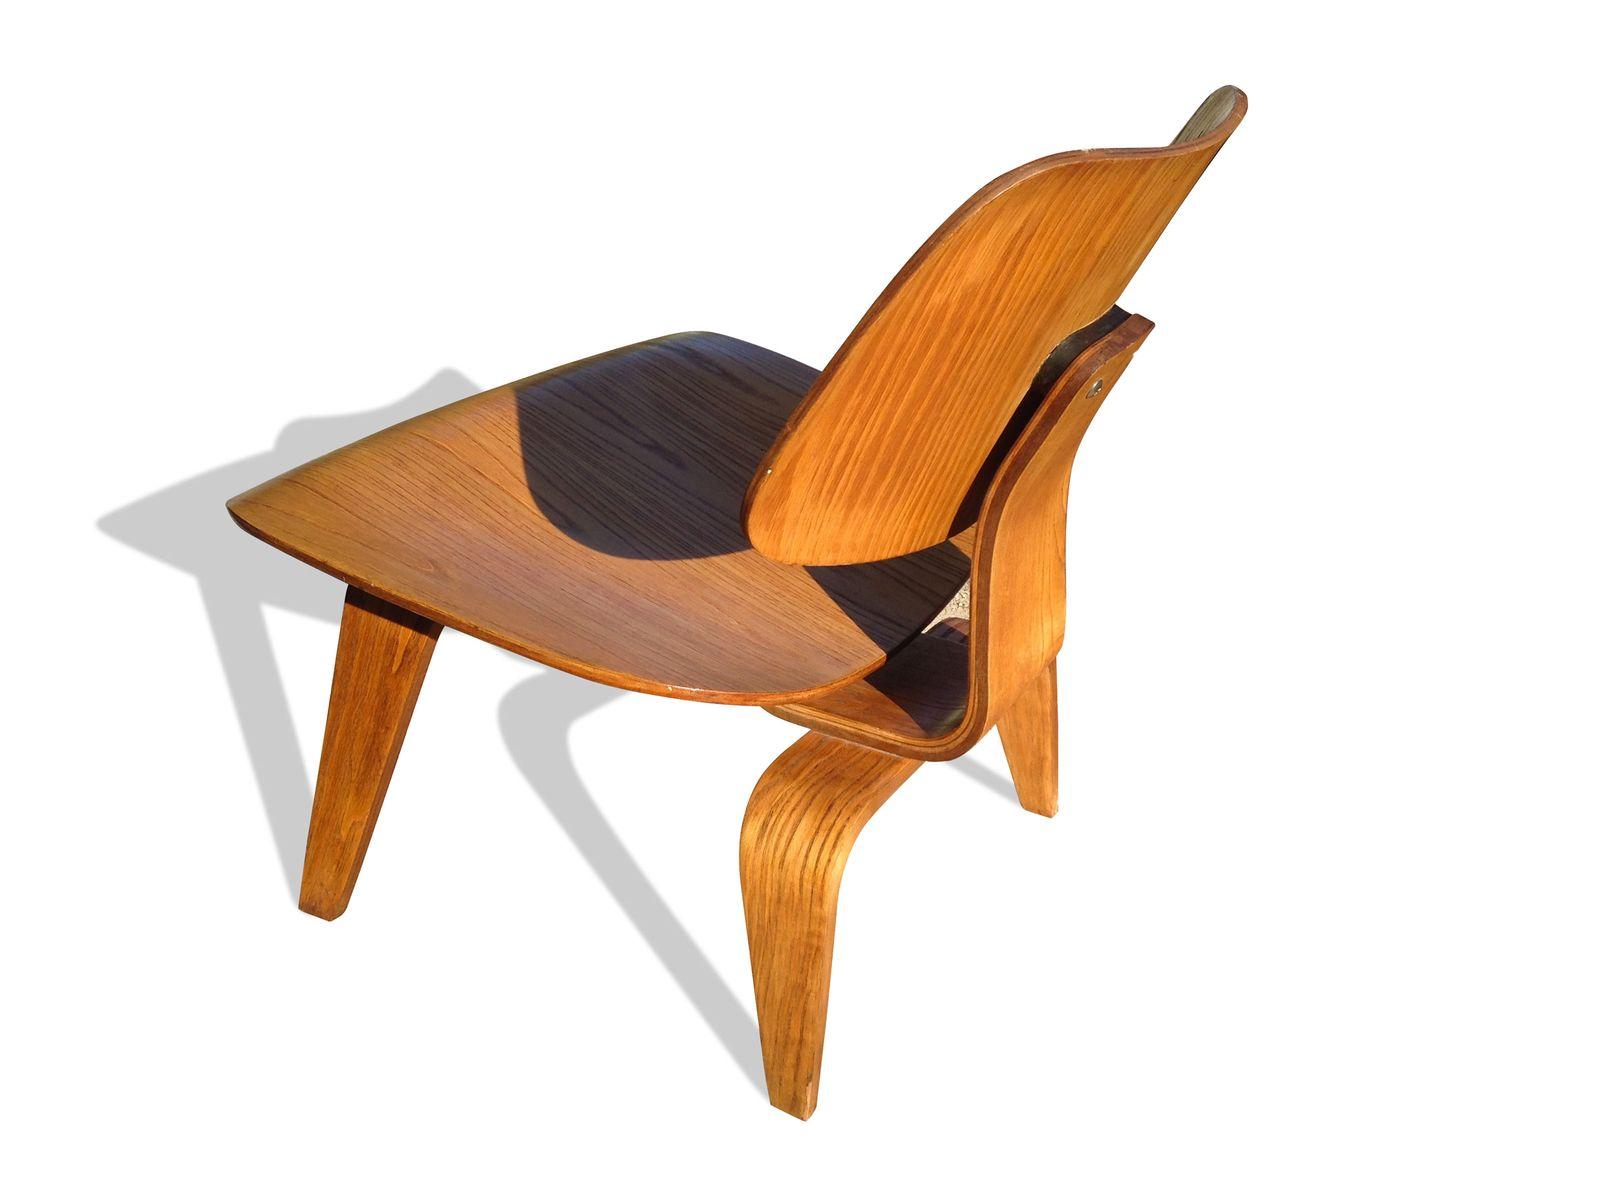 lcw stuhl aus echenholz von ray und charles eames f r herman miller bei pamono kaufen. Black Bedroom Furniture Sets. Home Design Ideas